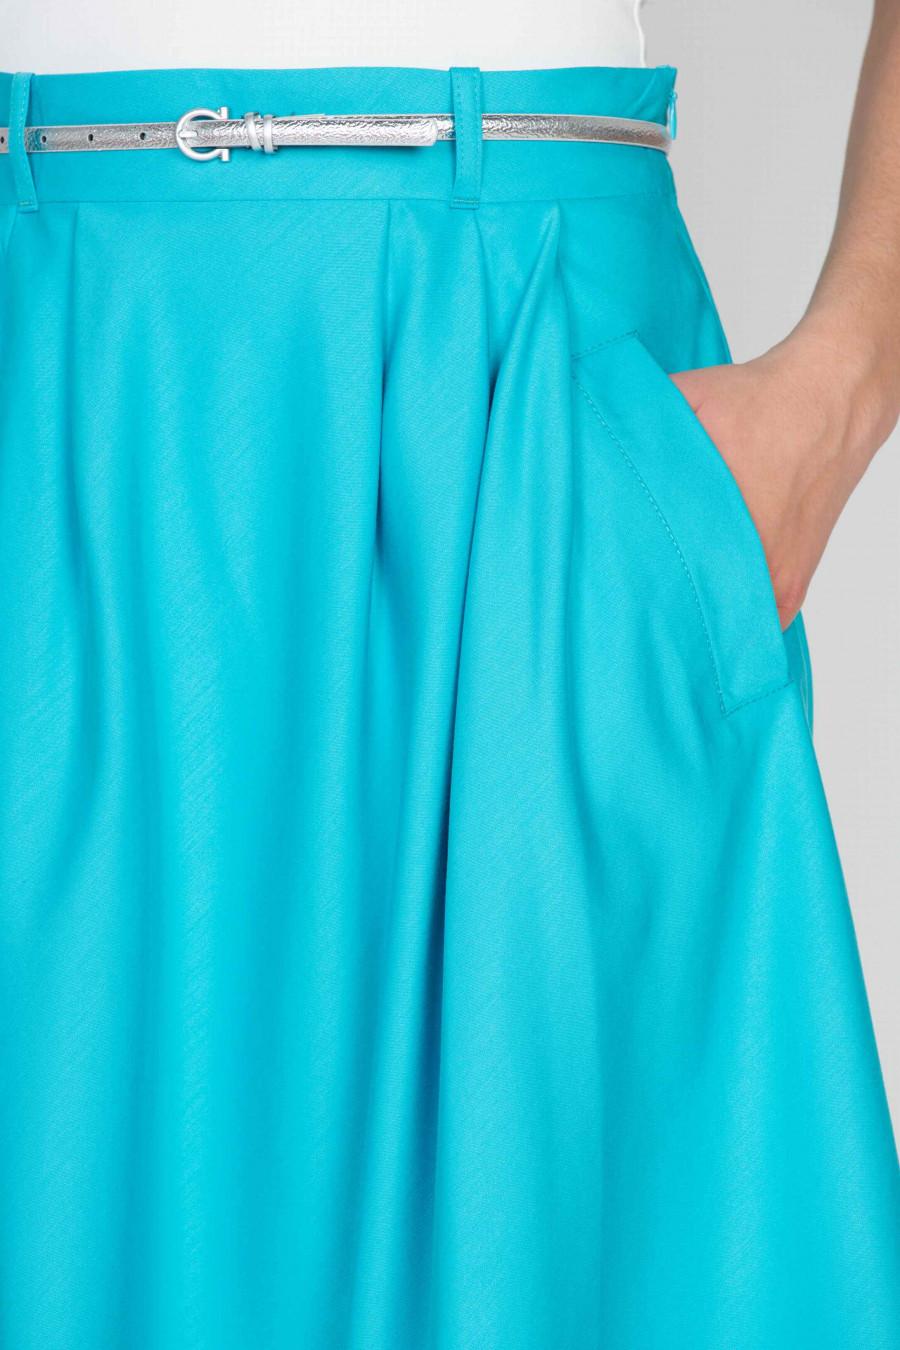 Юбки блузки женские брюки из льна от производителя